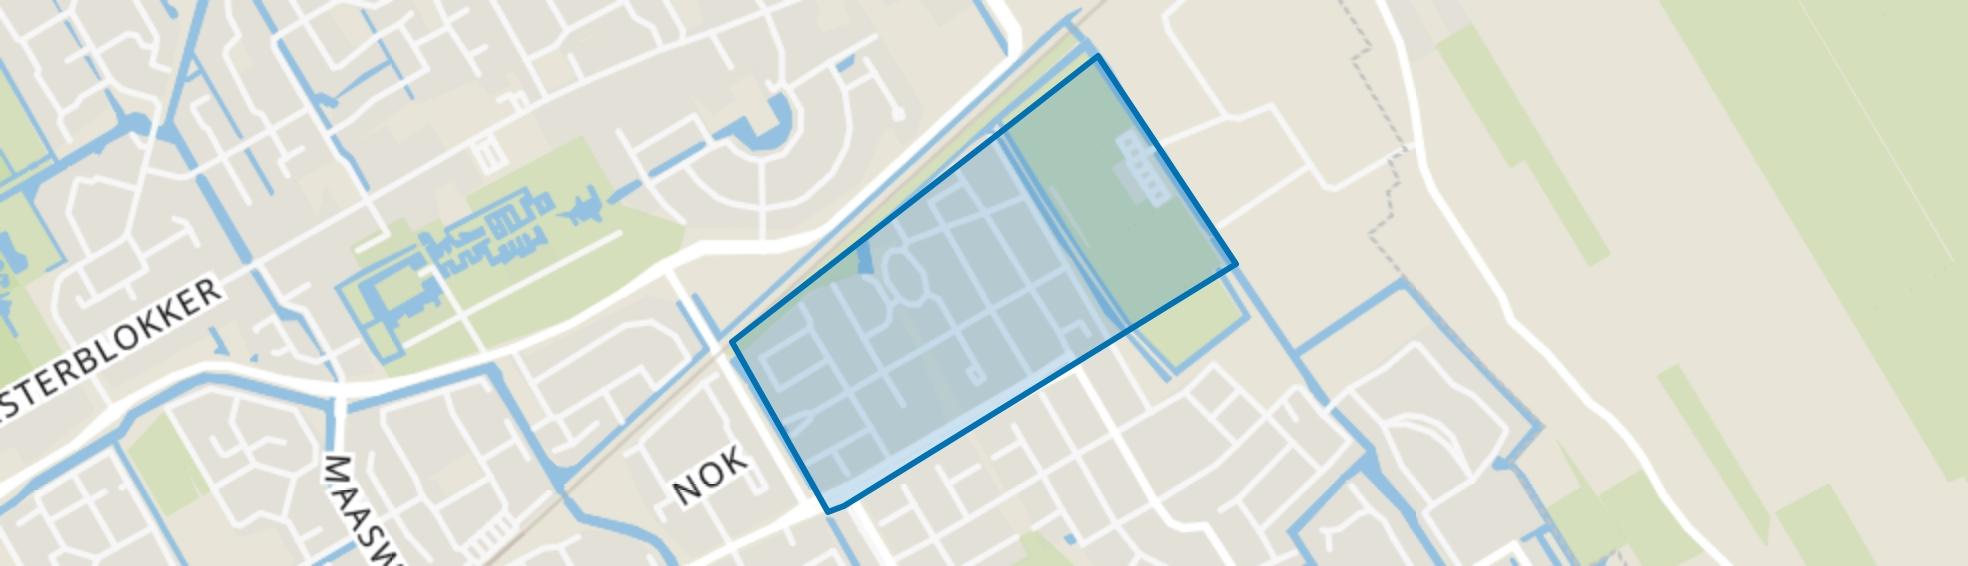 Kersenboogerd-Zuid - Buurt 33 08, Hoorn (NH) map